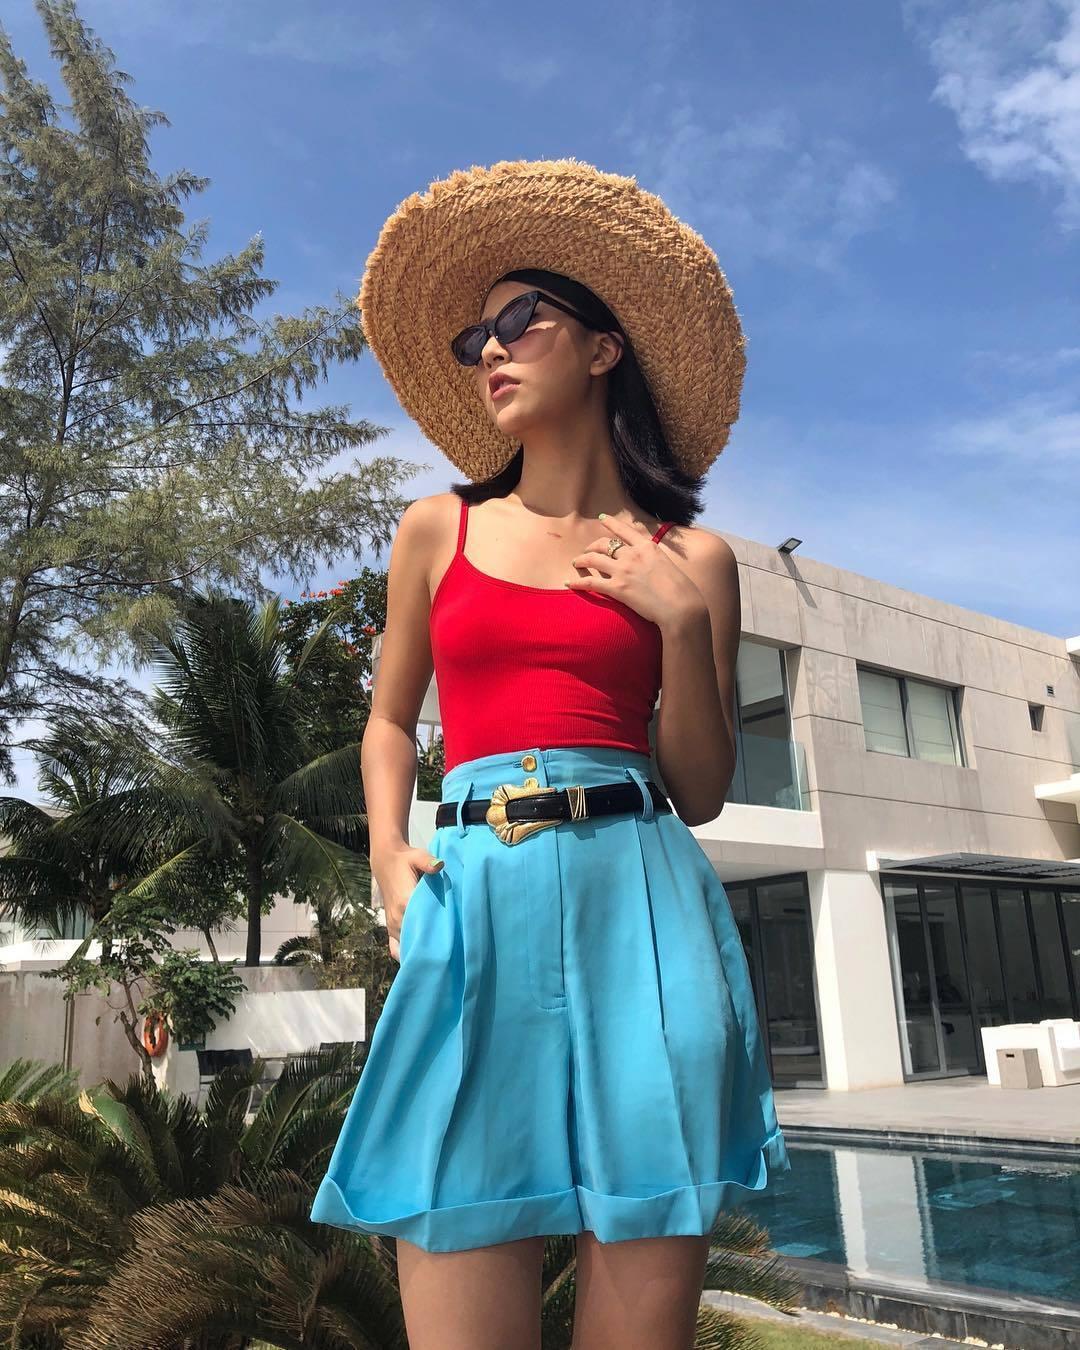 Học hot girl Quỳnh Anh Shyn kỹ năng phối màu trang phục đẹp thần sầu - Hình 2